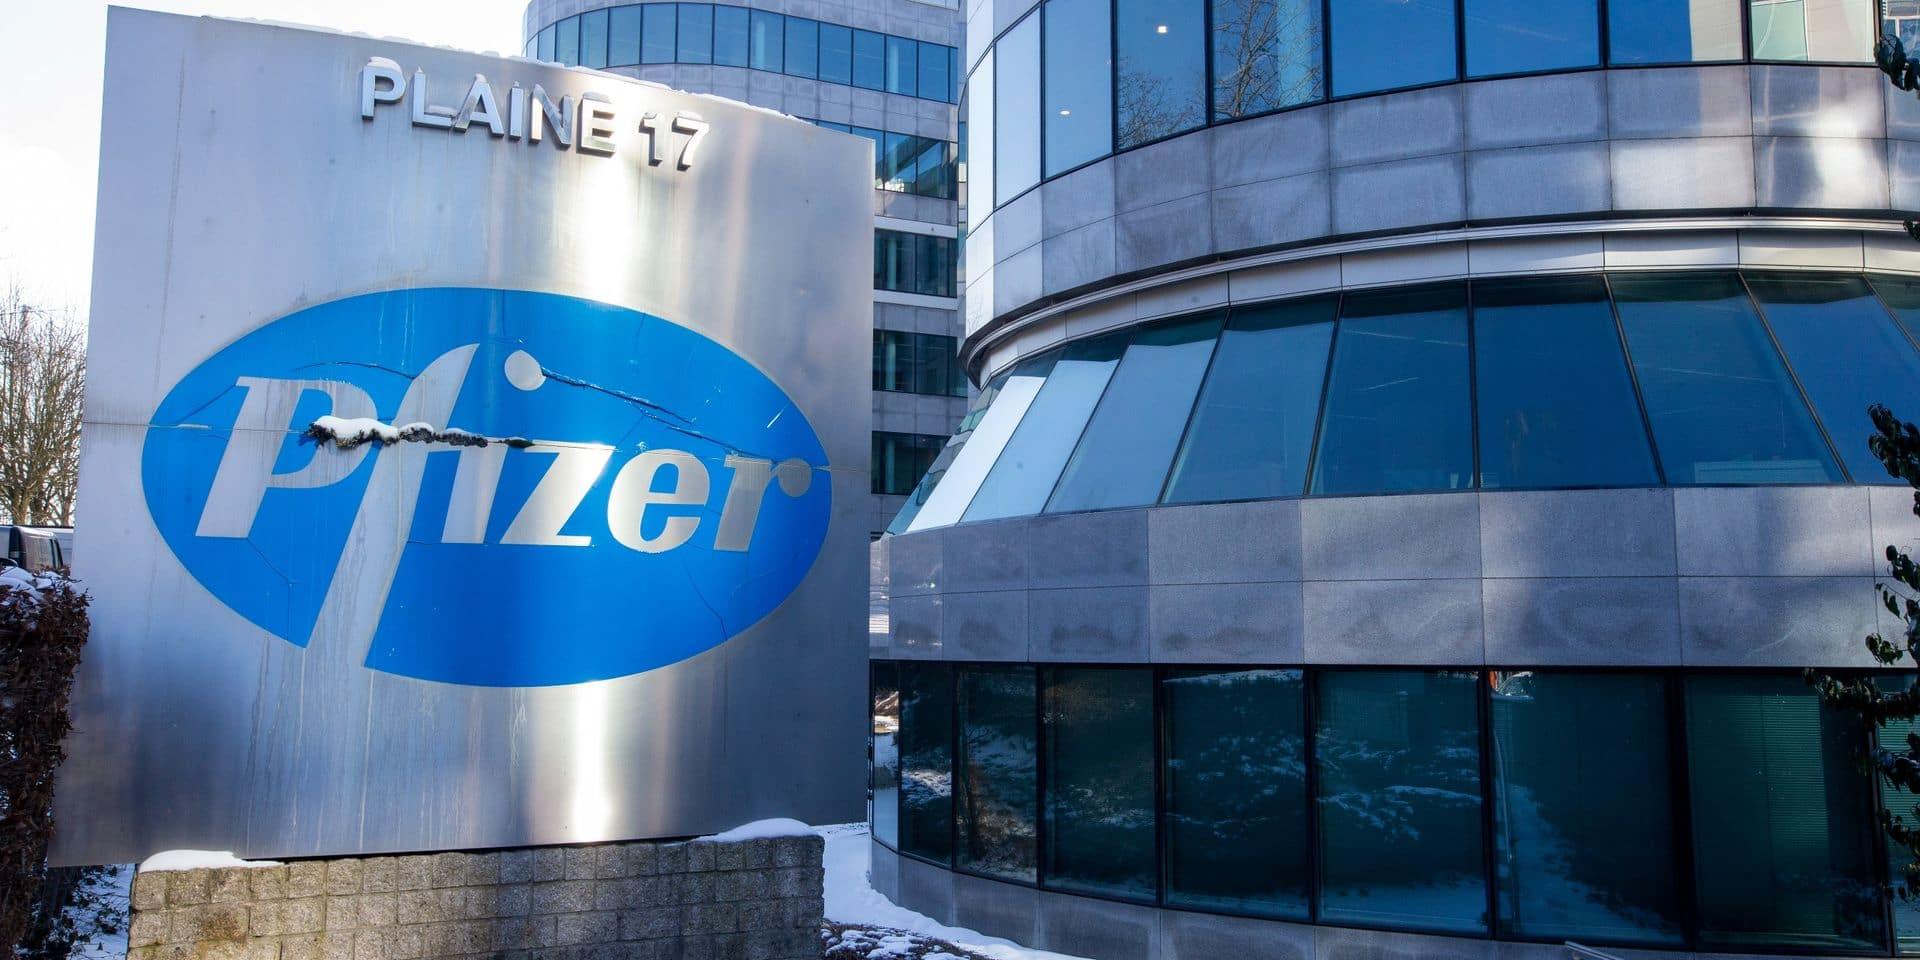 Selon une étude, le vaccin Pfizer n'augmente pas le risque cardiovasculaire chez les plus de 75 ans